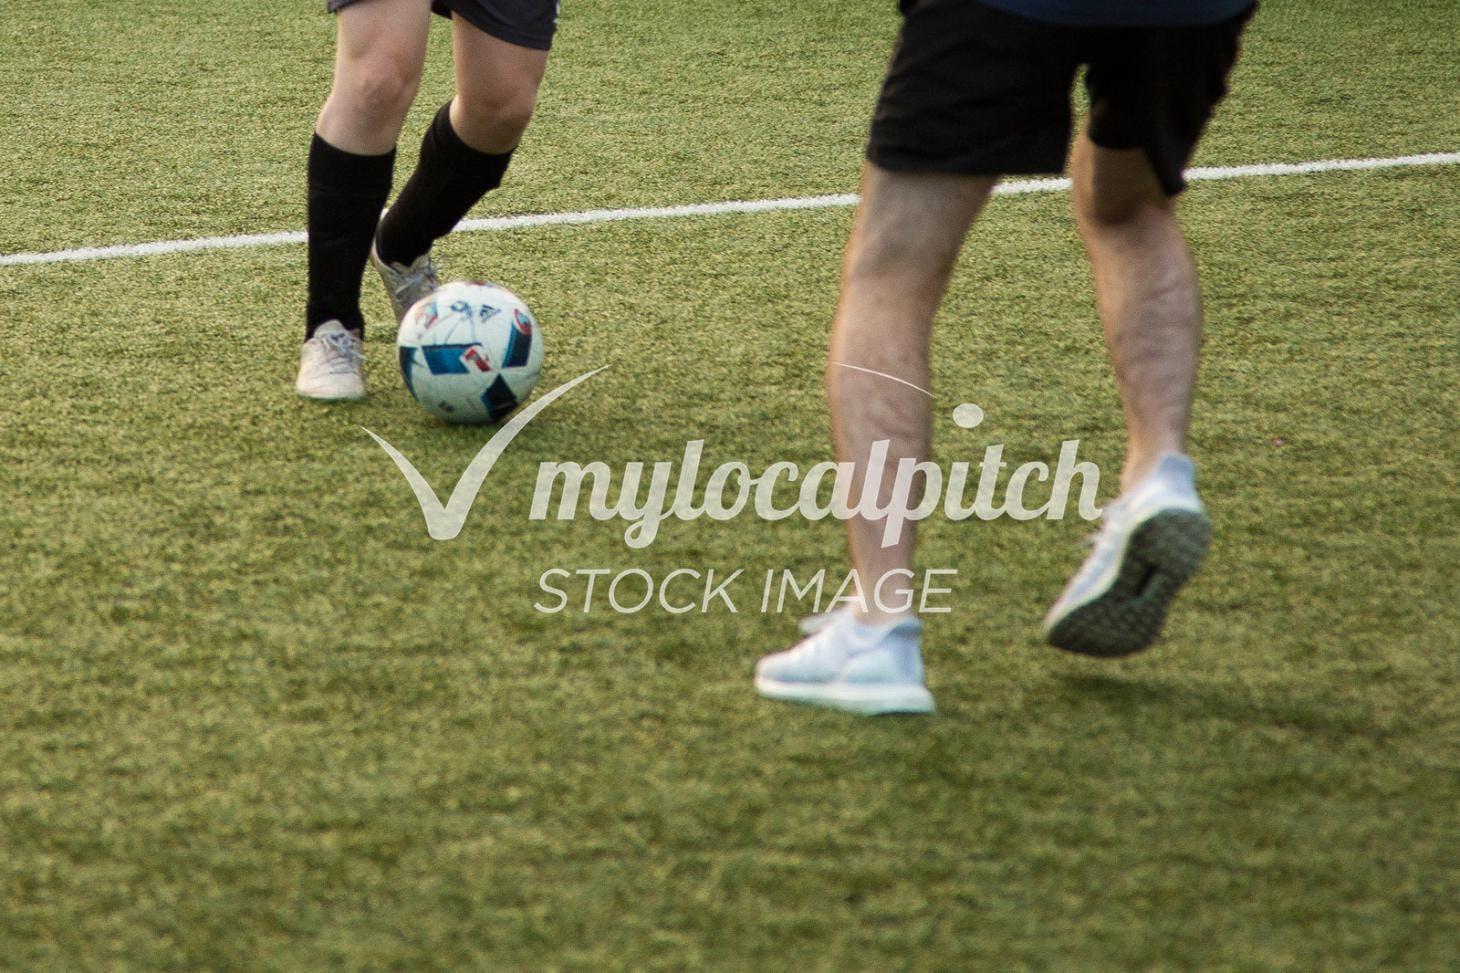 Warren Avenue Playing Fields 11 a side | Grass football pitch